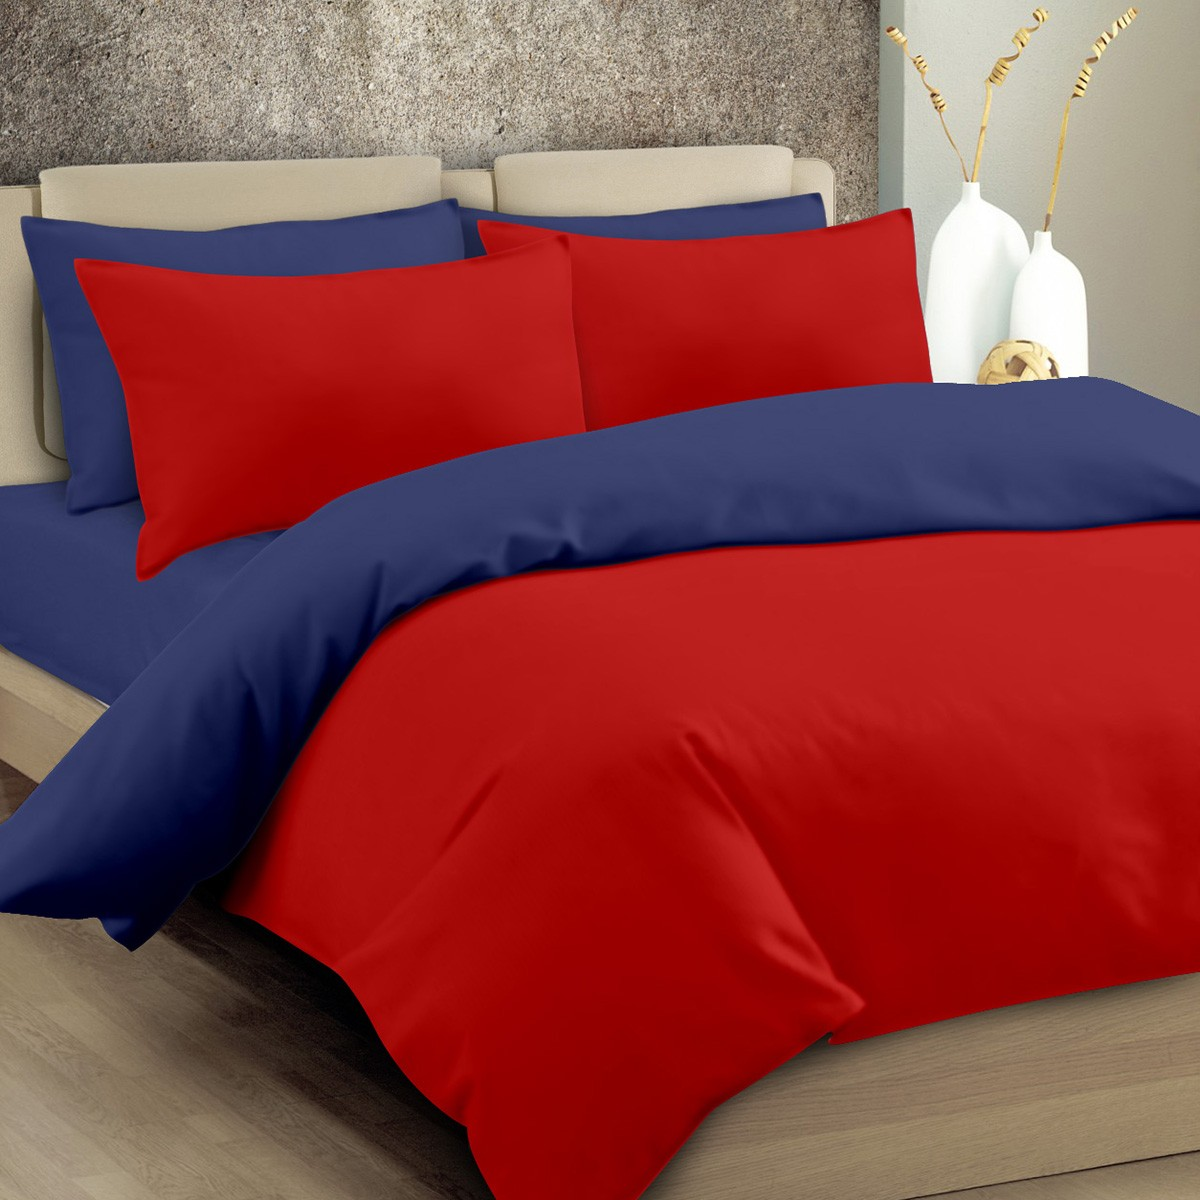 Παπλωματοθήκη Μονή Maison Blanche 11003 Κόκκινο/Μπλε